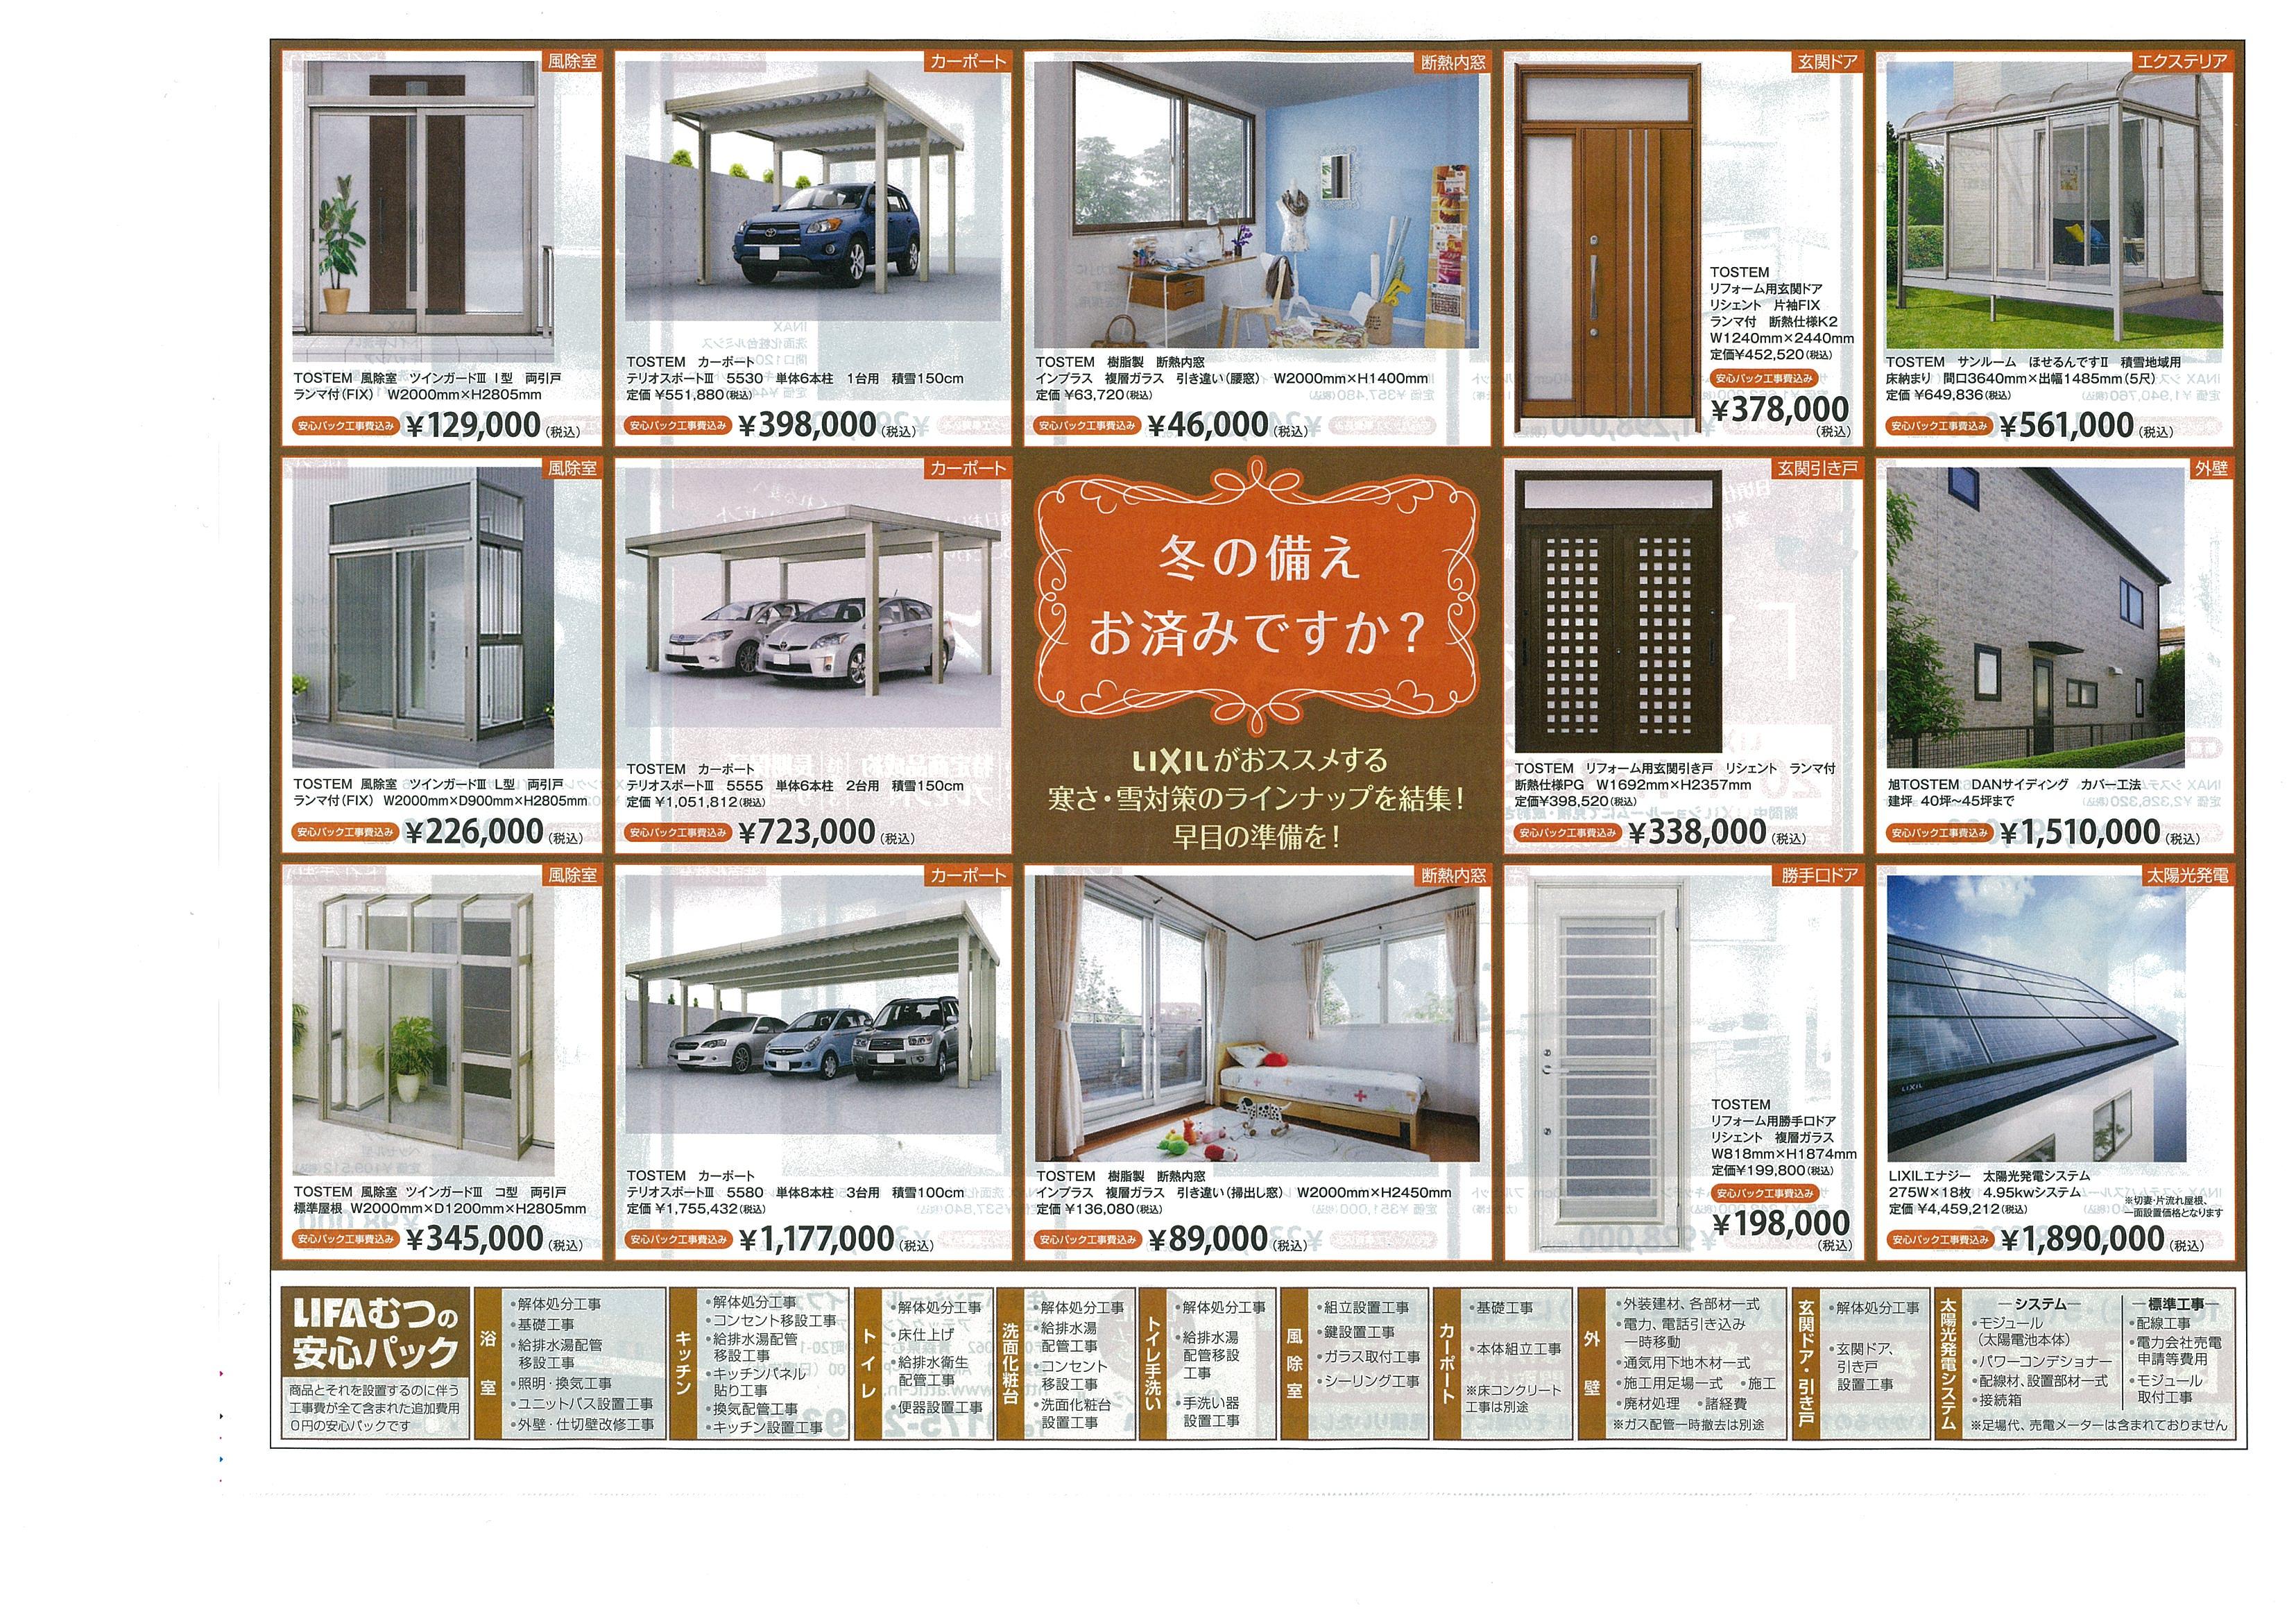 https://lixil-reformshop.jp/shop/SC00021006/photos/%E7%94%A3%E6%A5%AD%E3%81%BE%E3%81%A4%E3%82%8A%E8%A3%8F.jpg